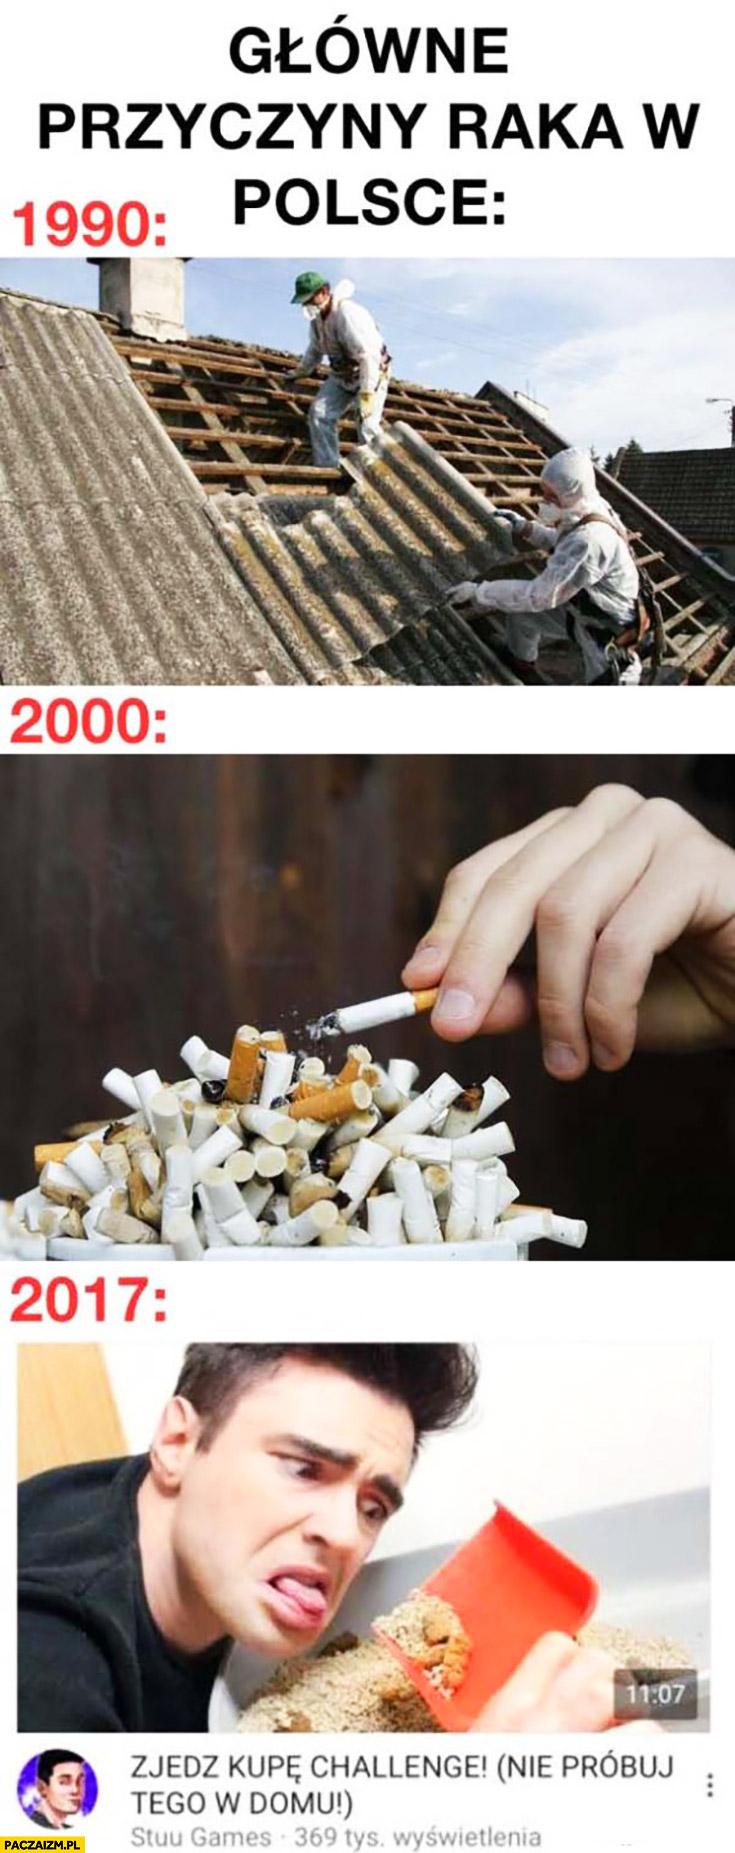 Główne przyczyny raka w Polsce 1990 azbest, 2000 palenie, 2017 Stuu zjedz kupę challenge